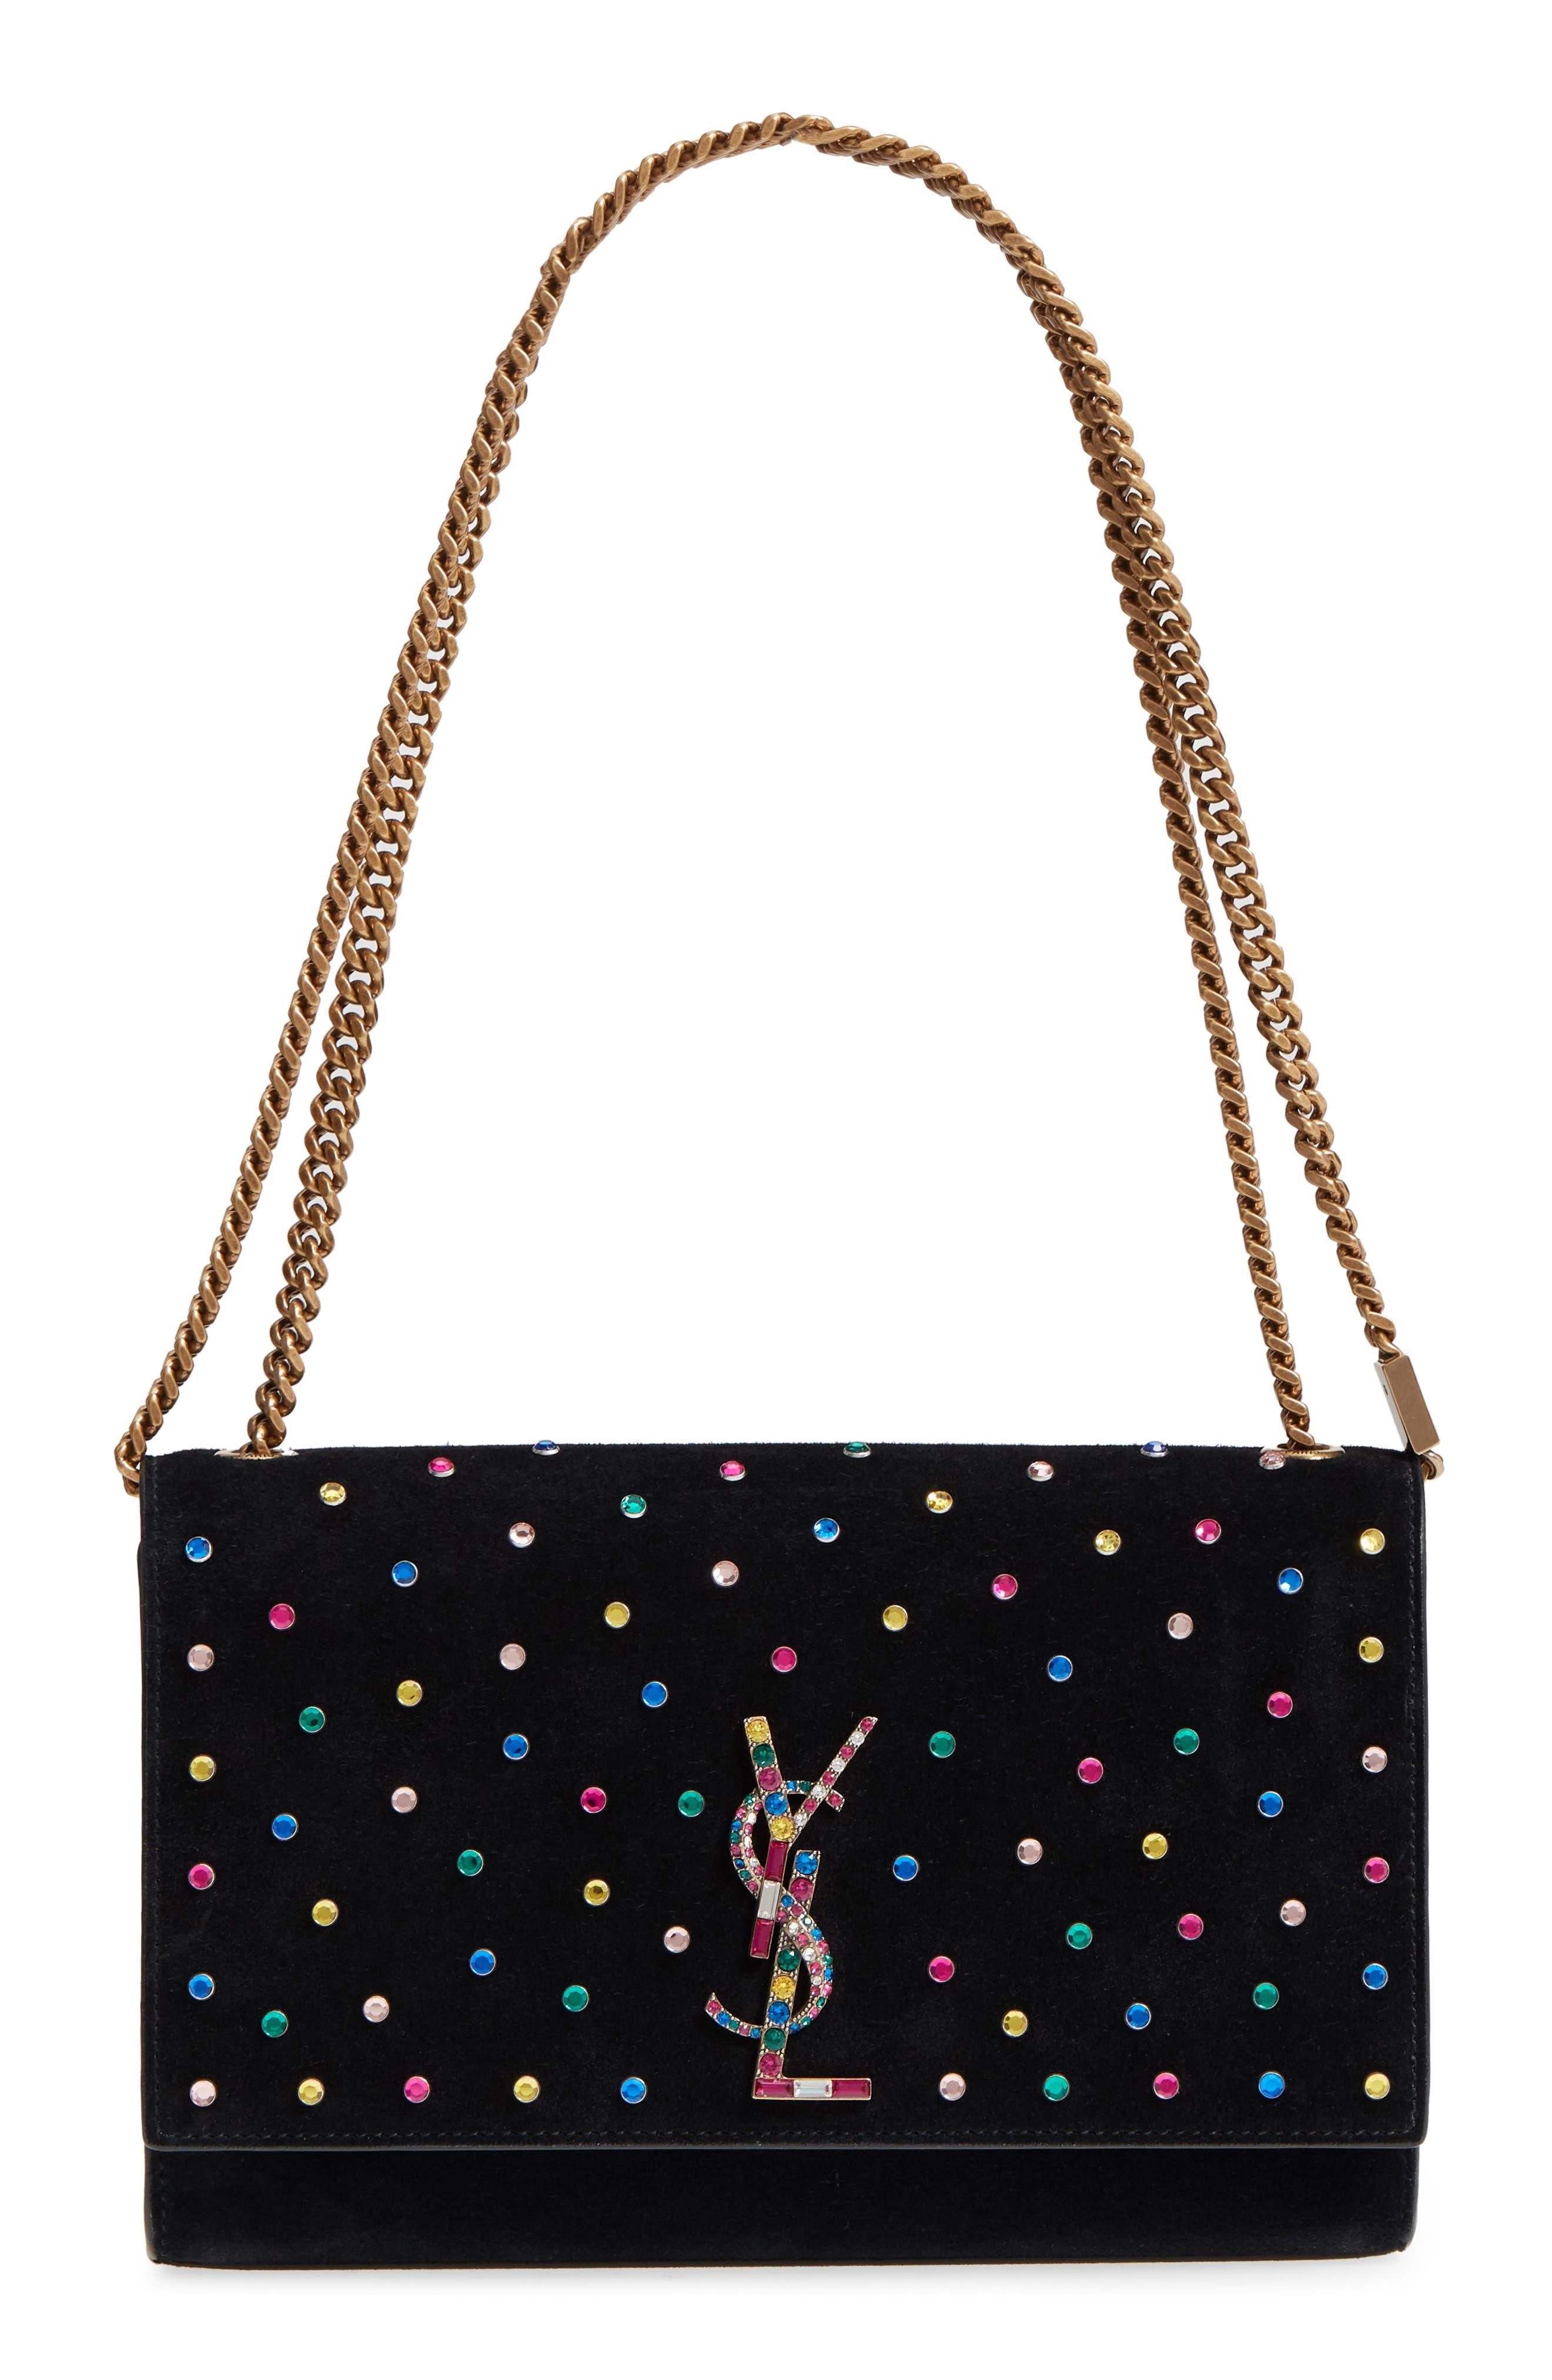 Medium Kate Embellished Suede Shoulder Bag,                         Main,                         color, 1077 MULTI